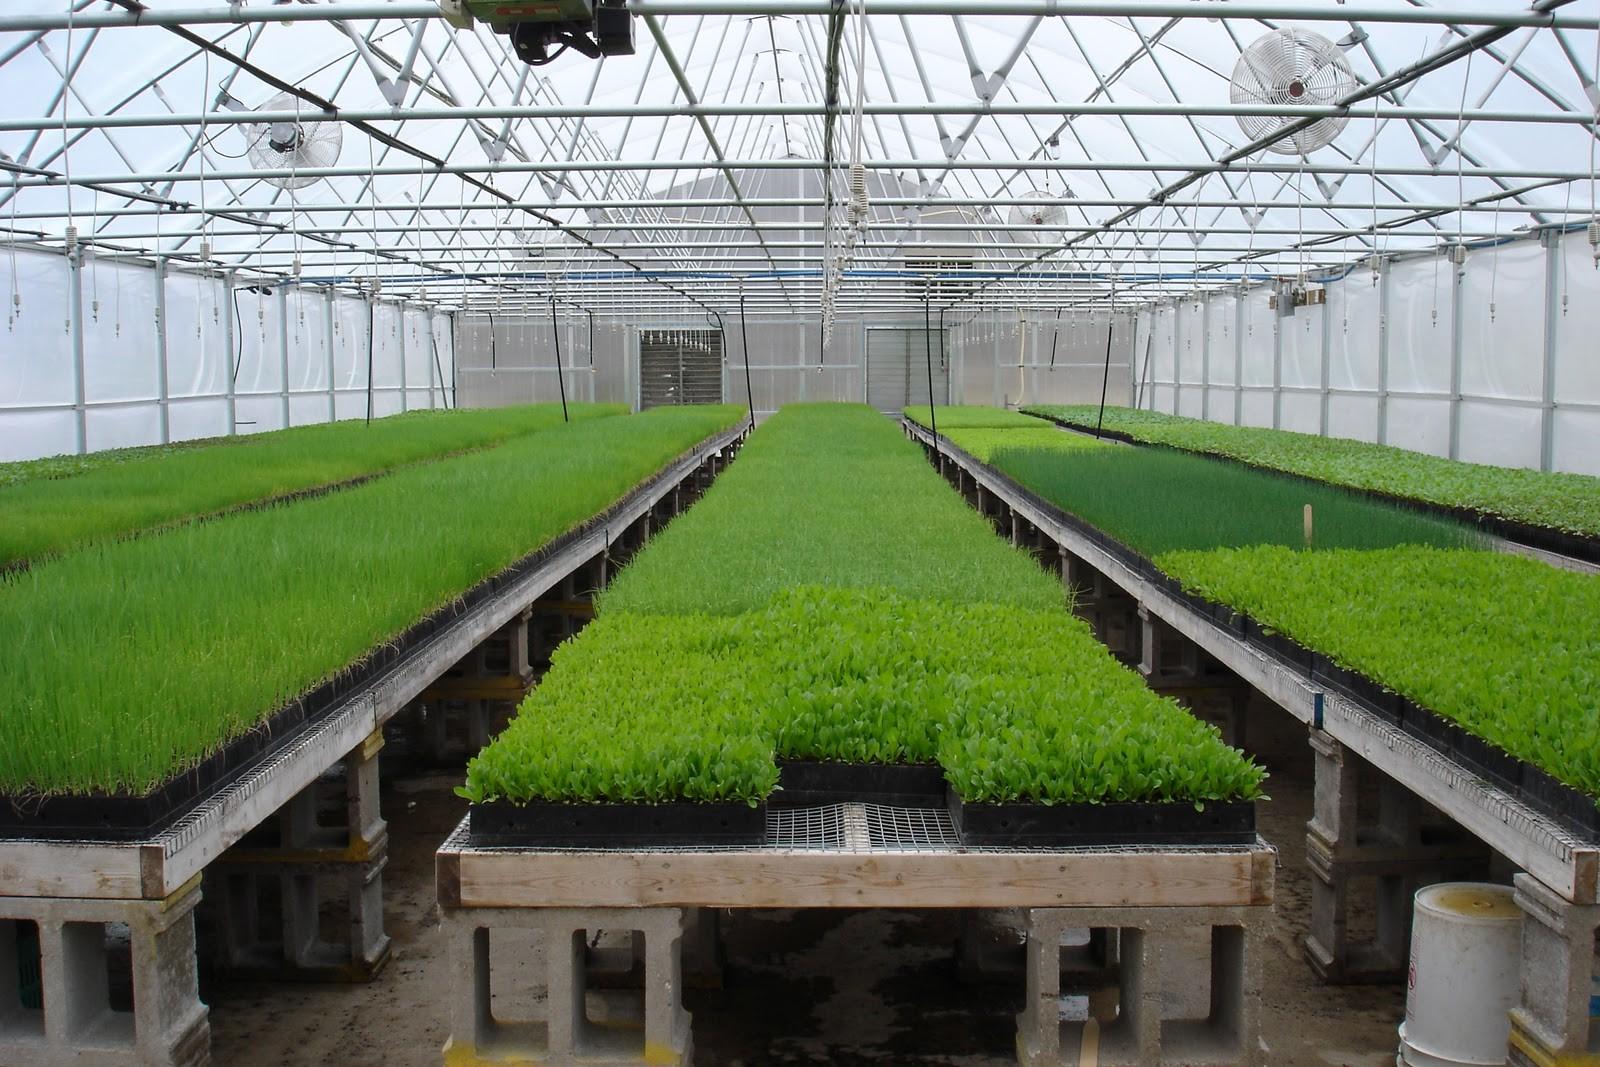 Выращивание рассады на гидропонике позволяет эффективно использовать площадь теплиц